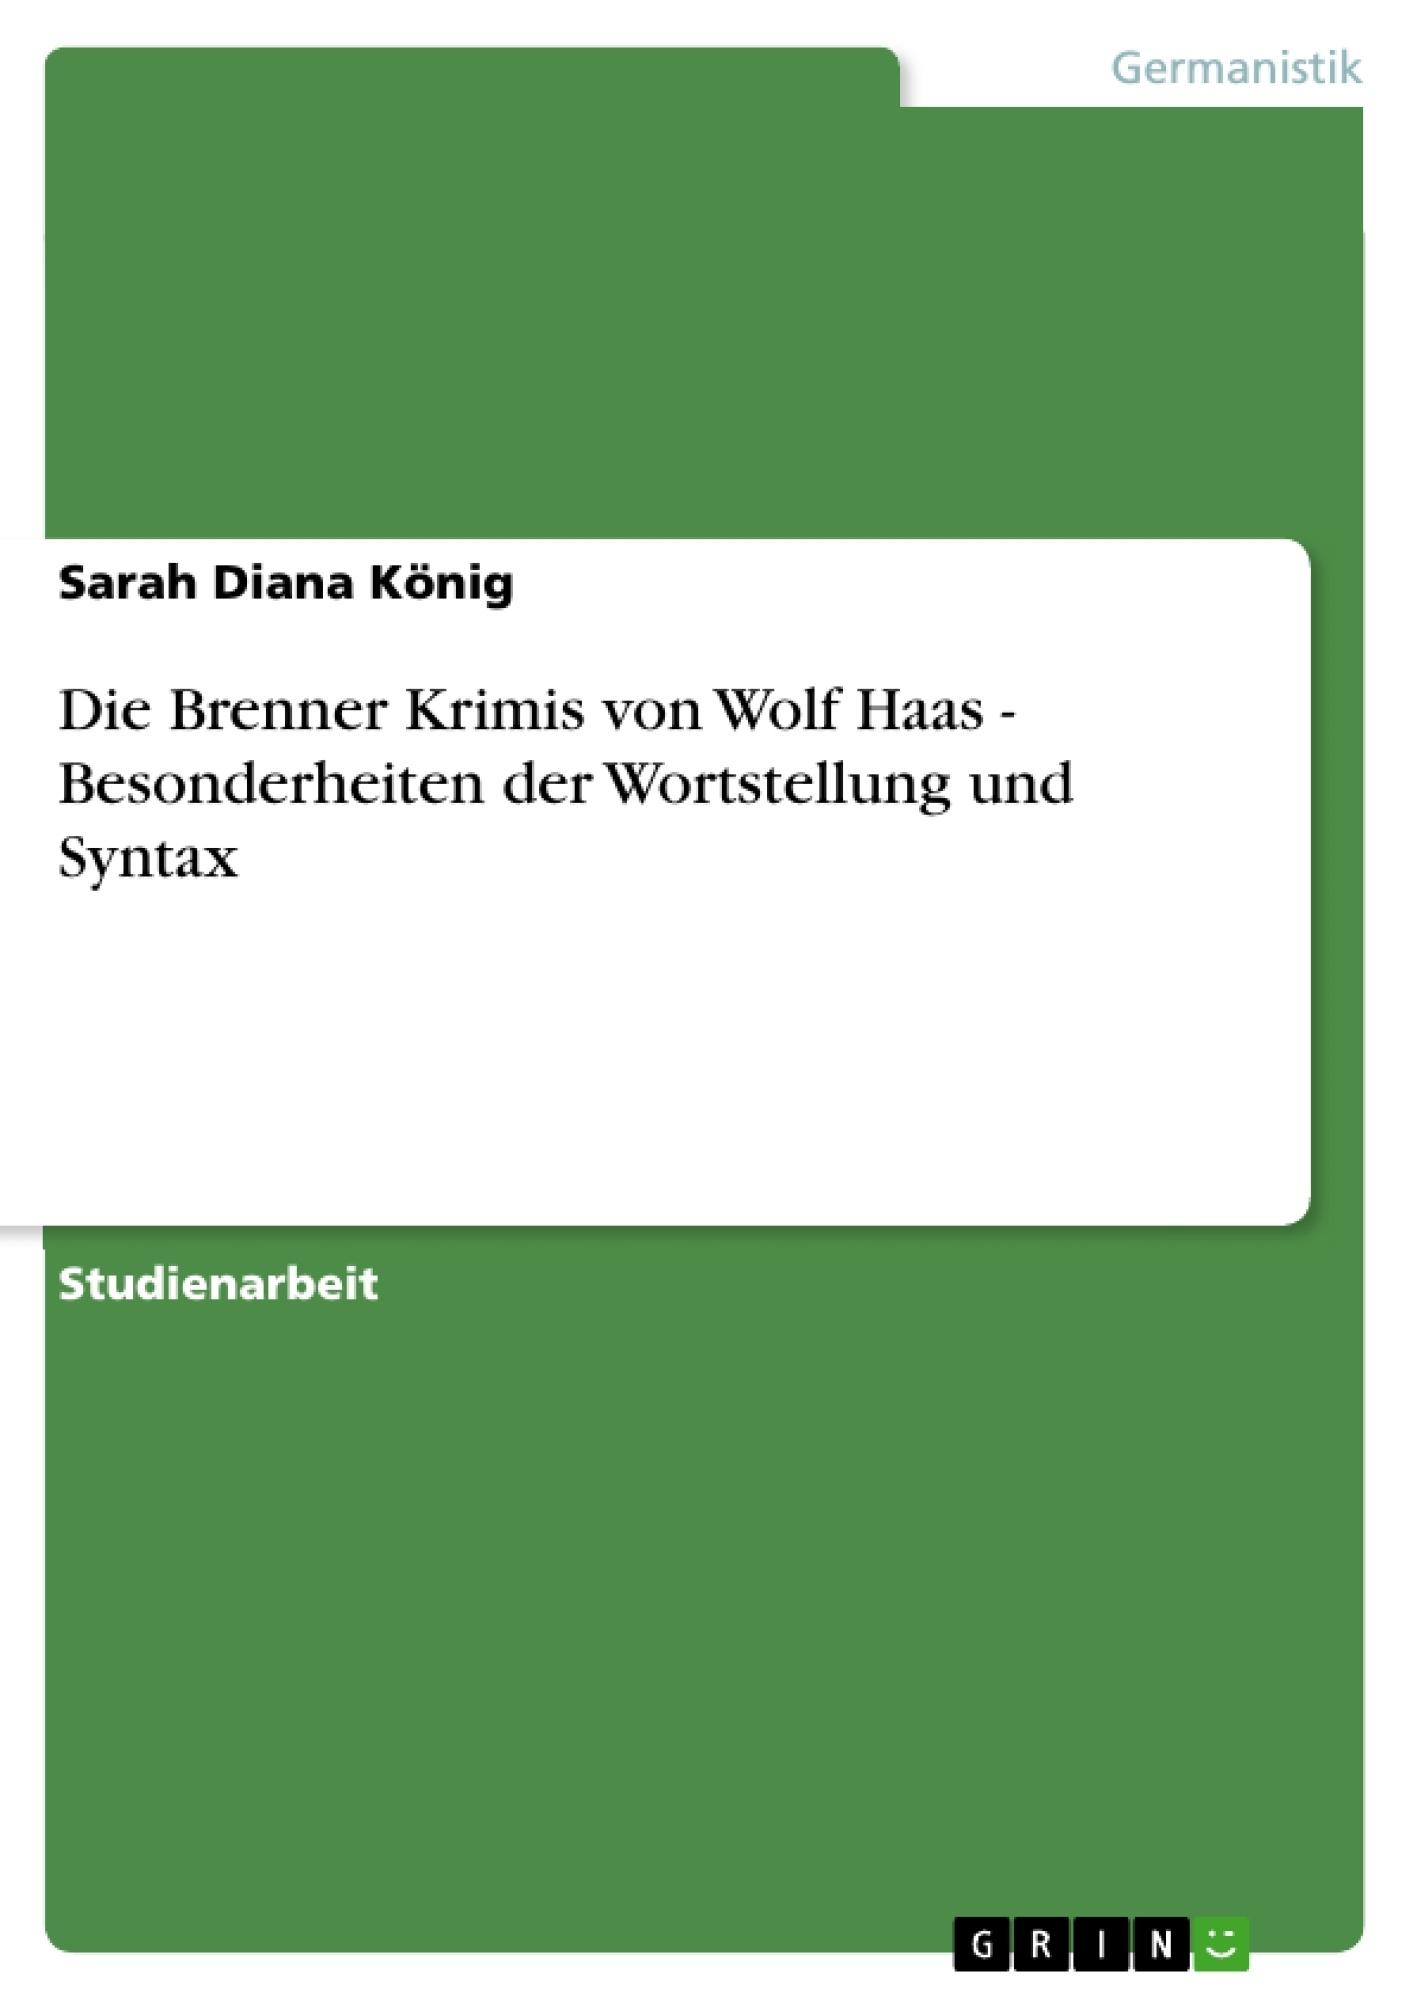 Titel: Die Brenner Krimis von Wolf Haas - Besonderheiten der Wortstellung und Syntax